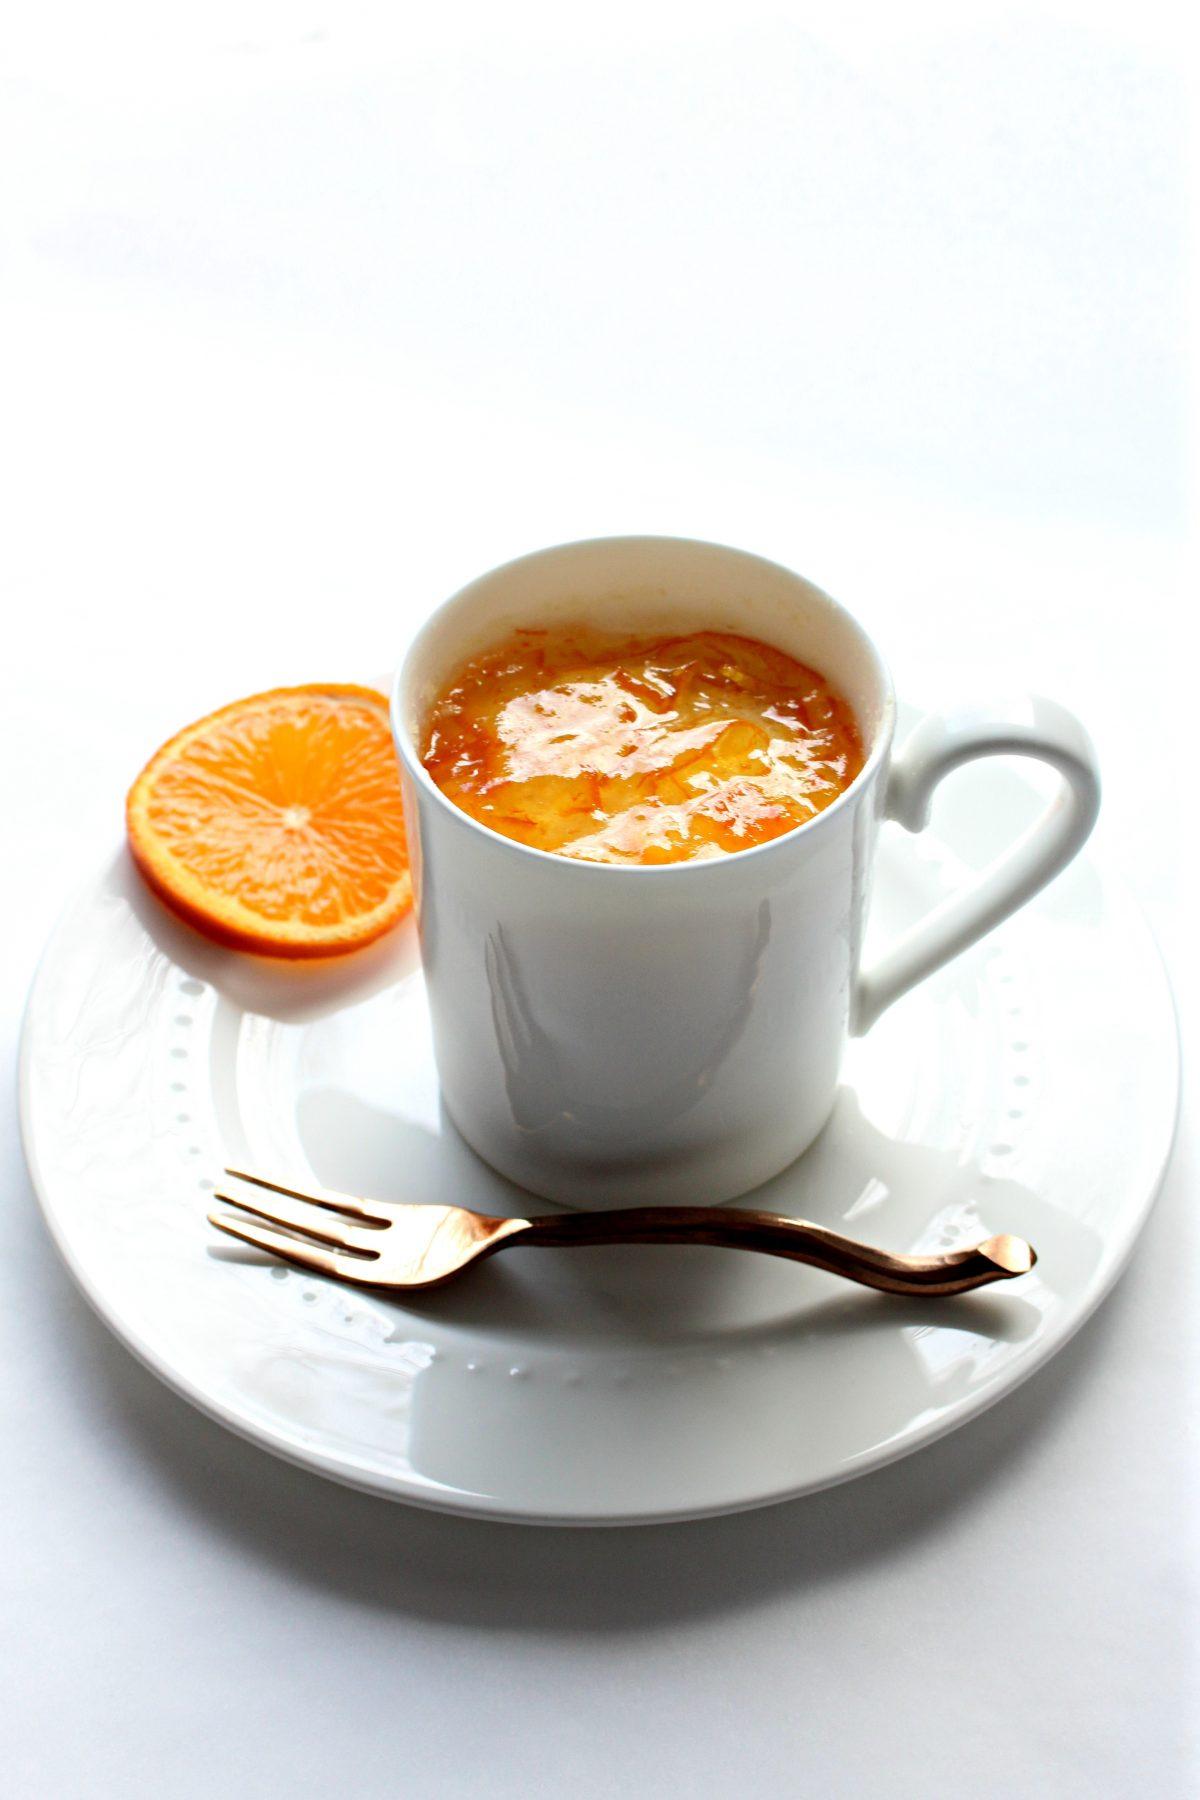 Orange Mug Cake topped with marmalade in white mug on plate with slice of orange.